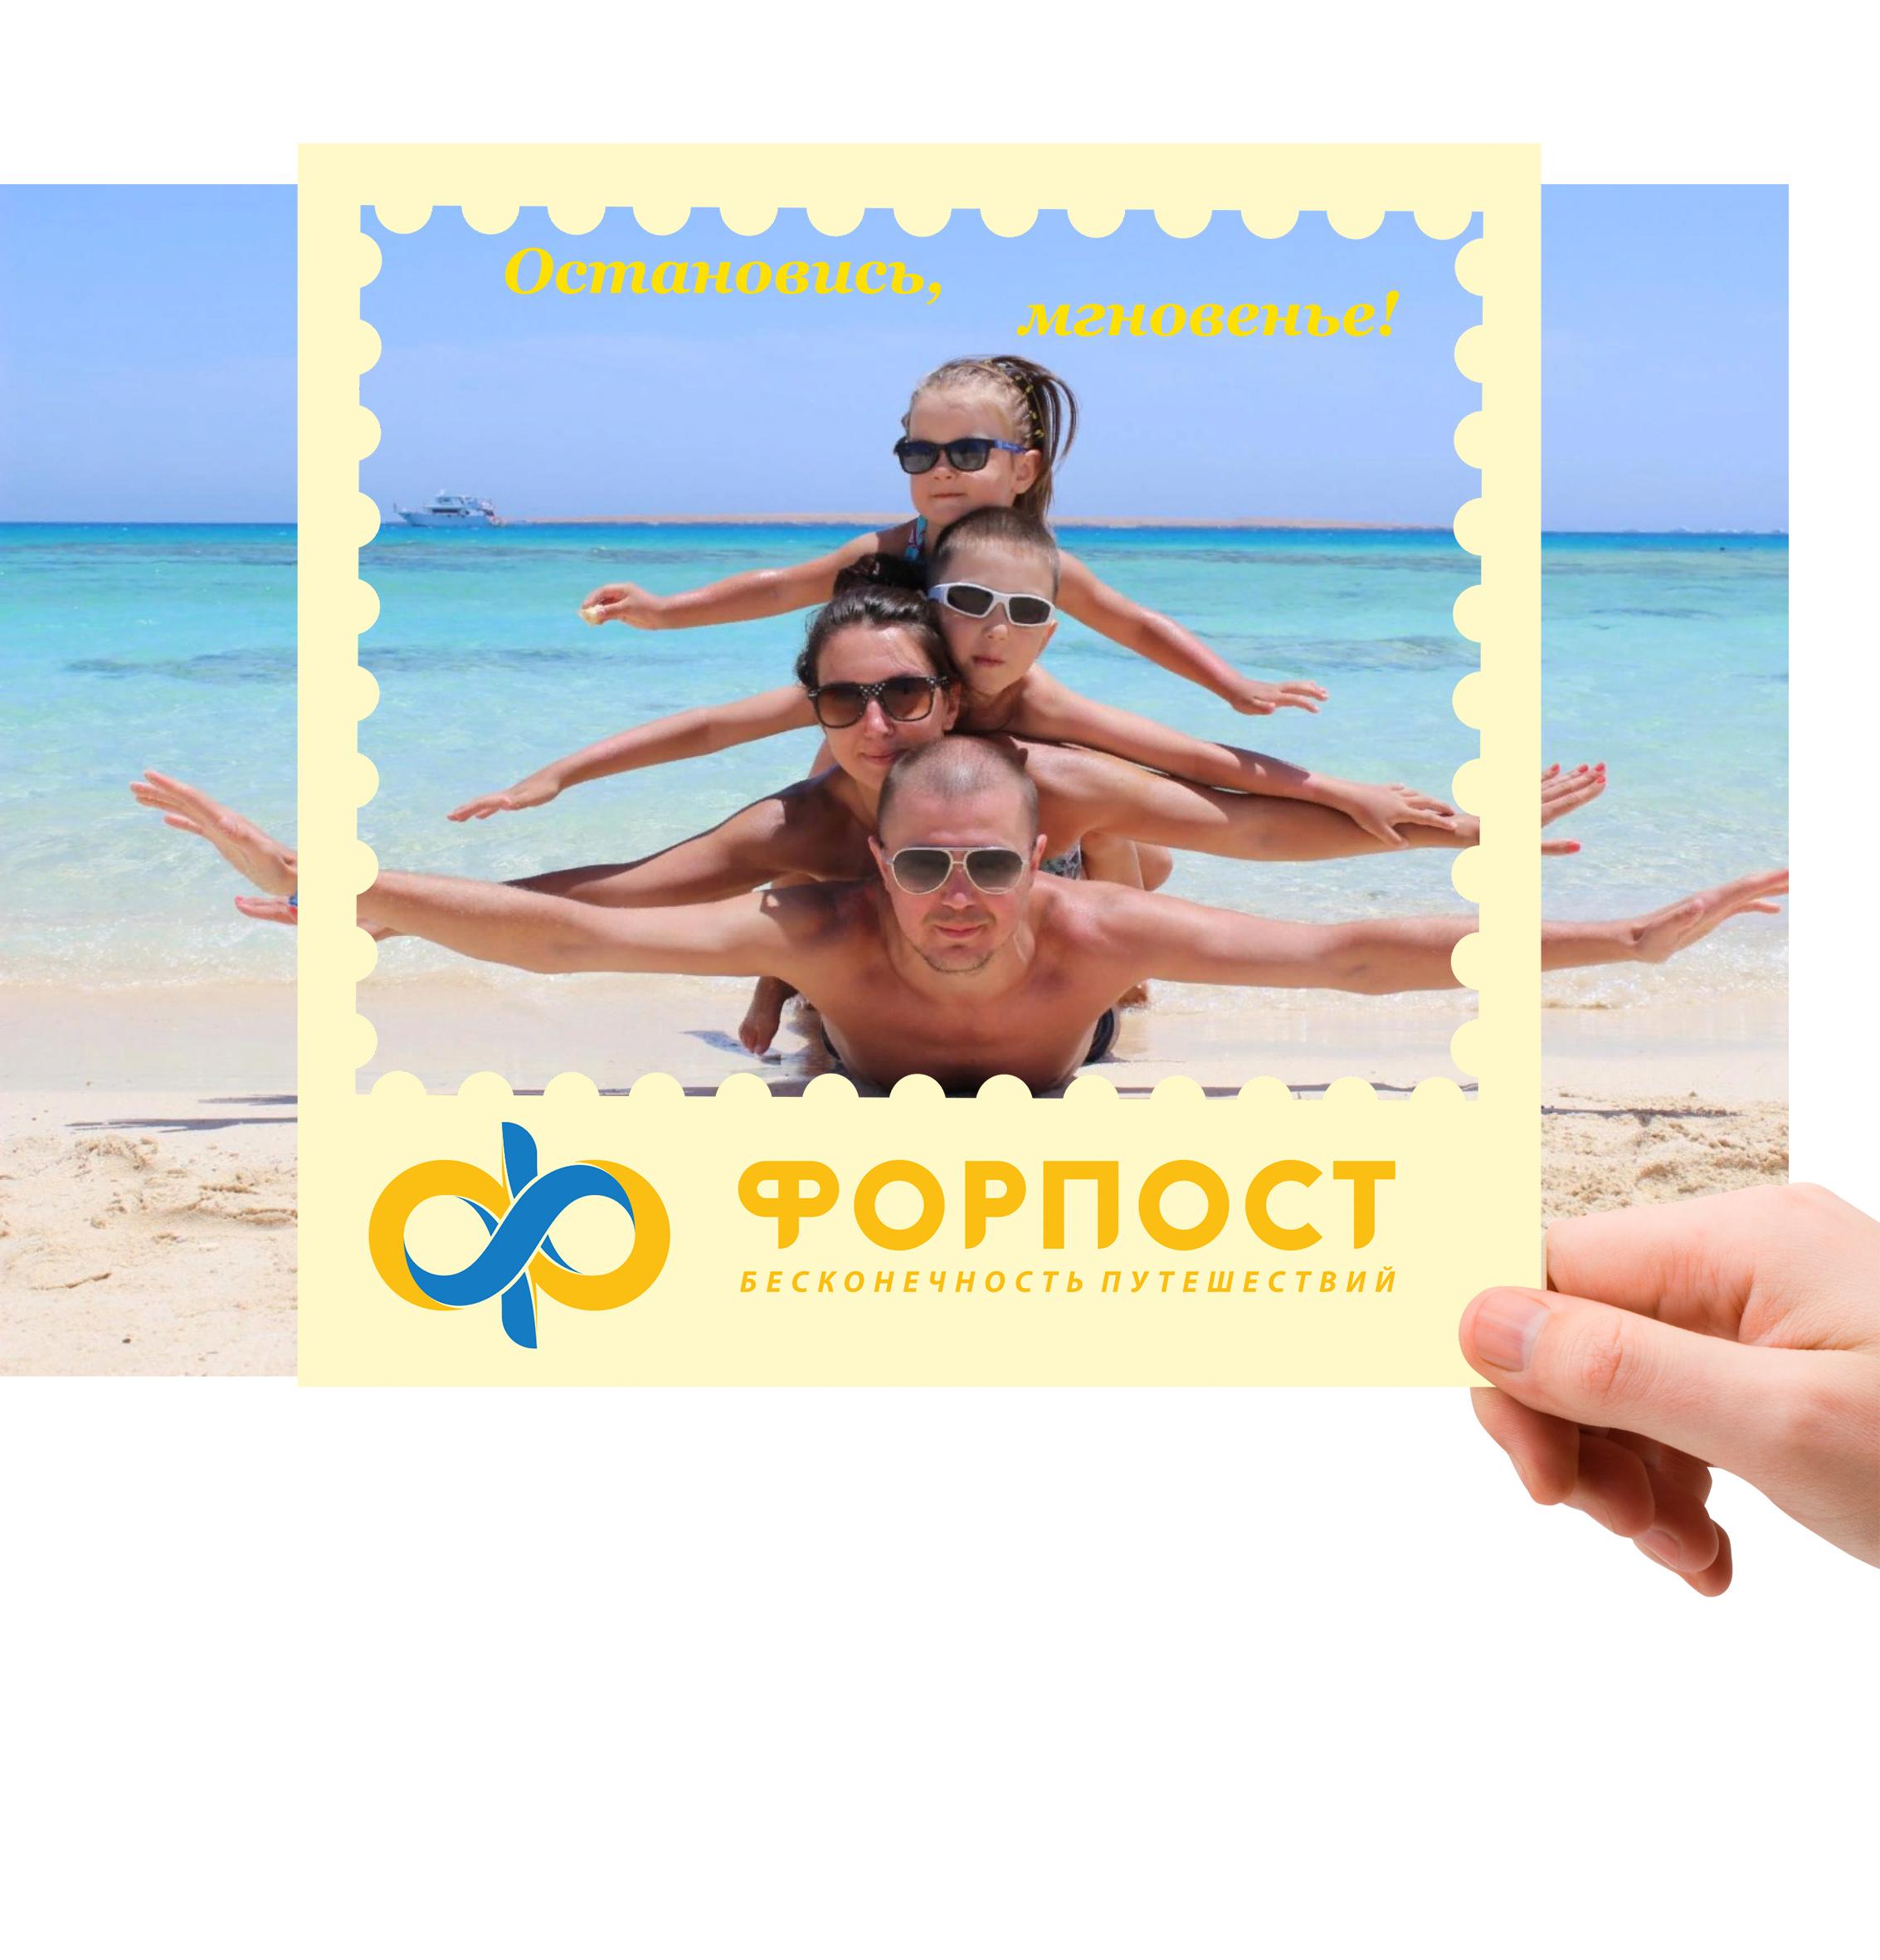 Дизайн флаера на прозрачном пластике фото f_0165b9db54c689de.jpg